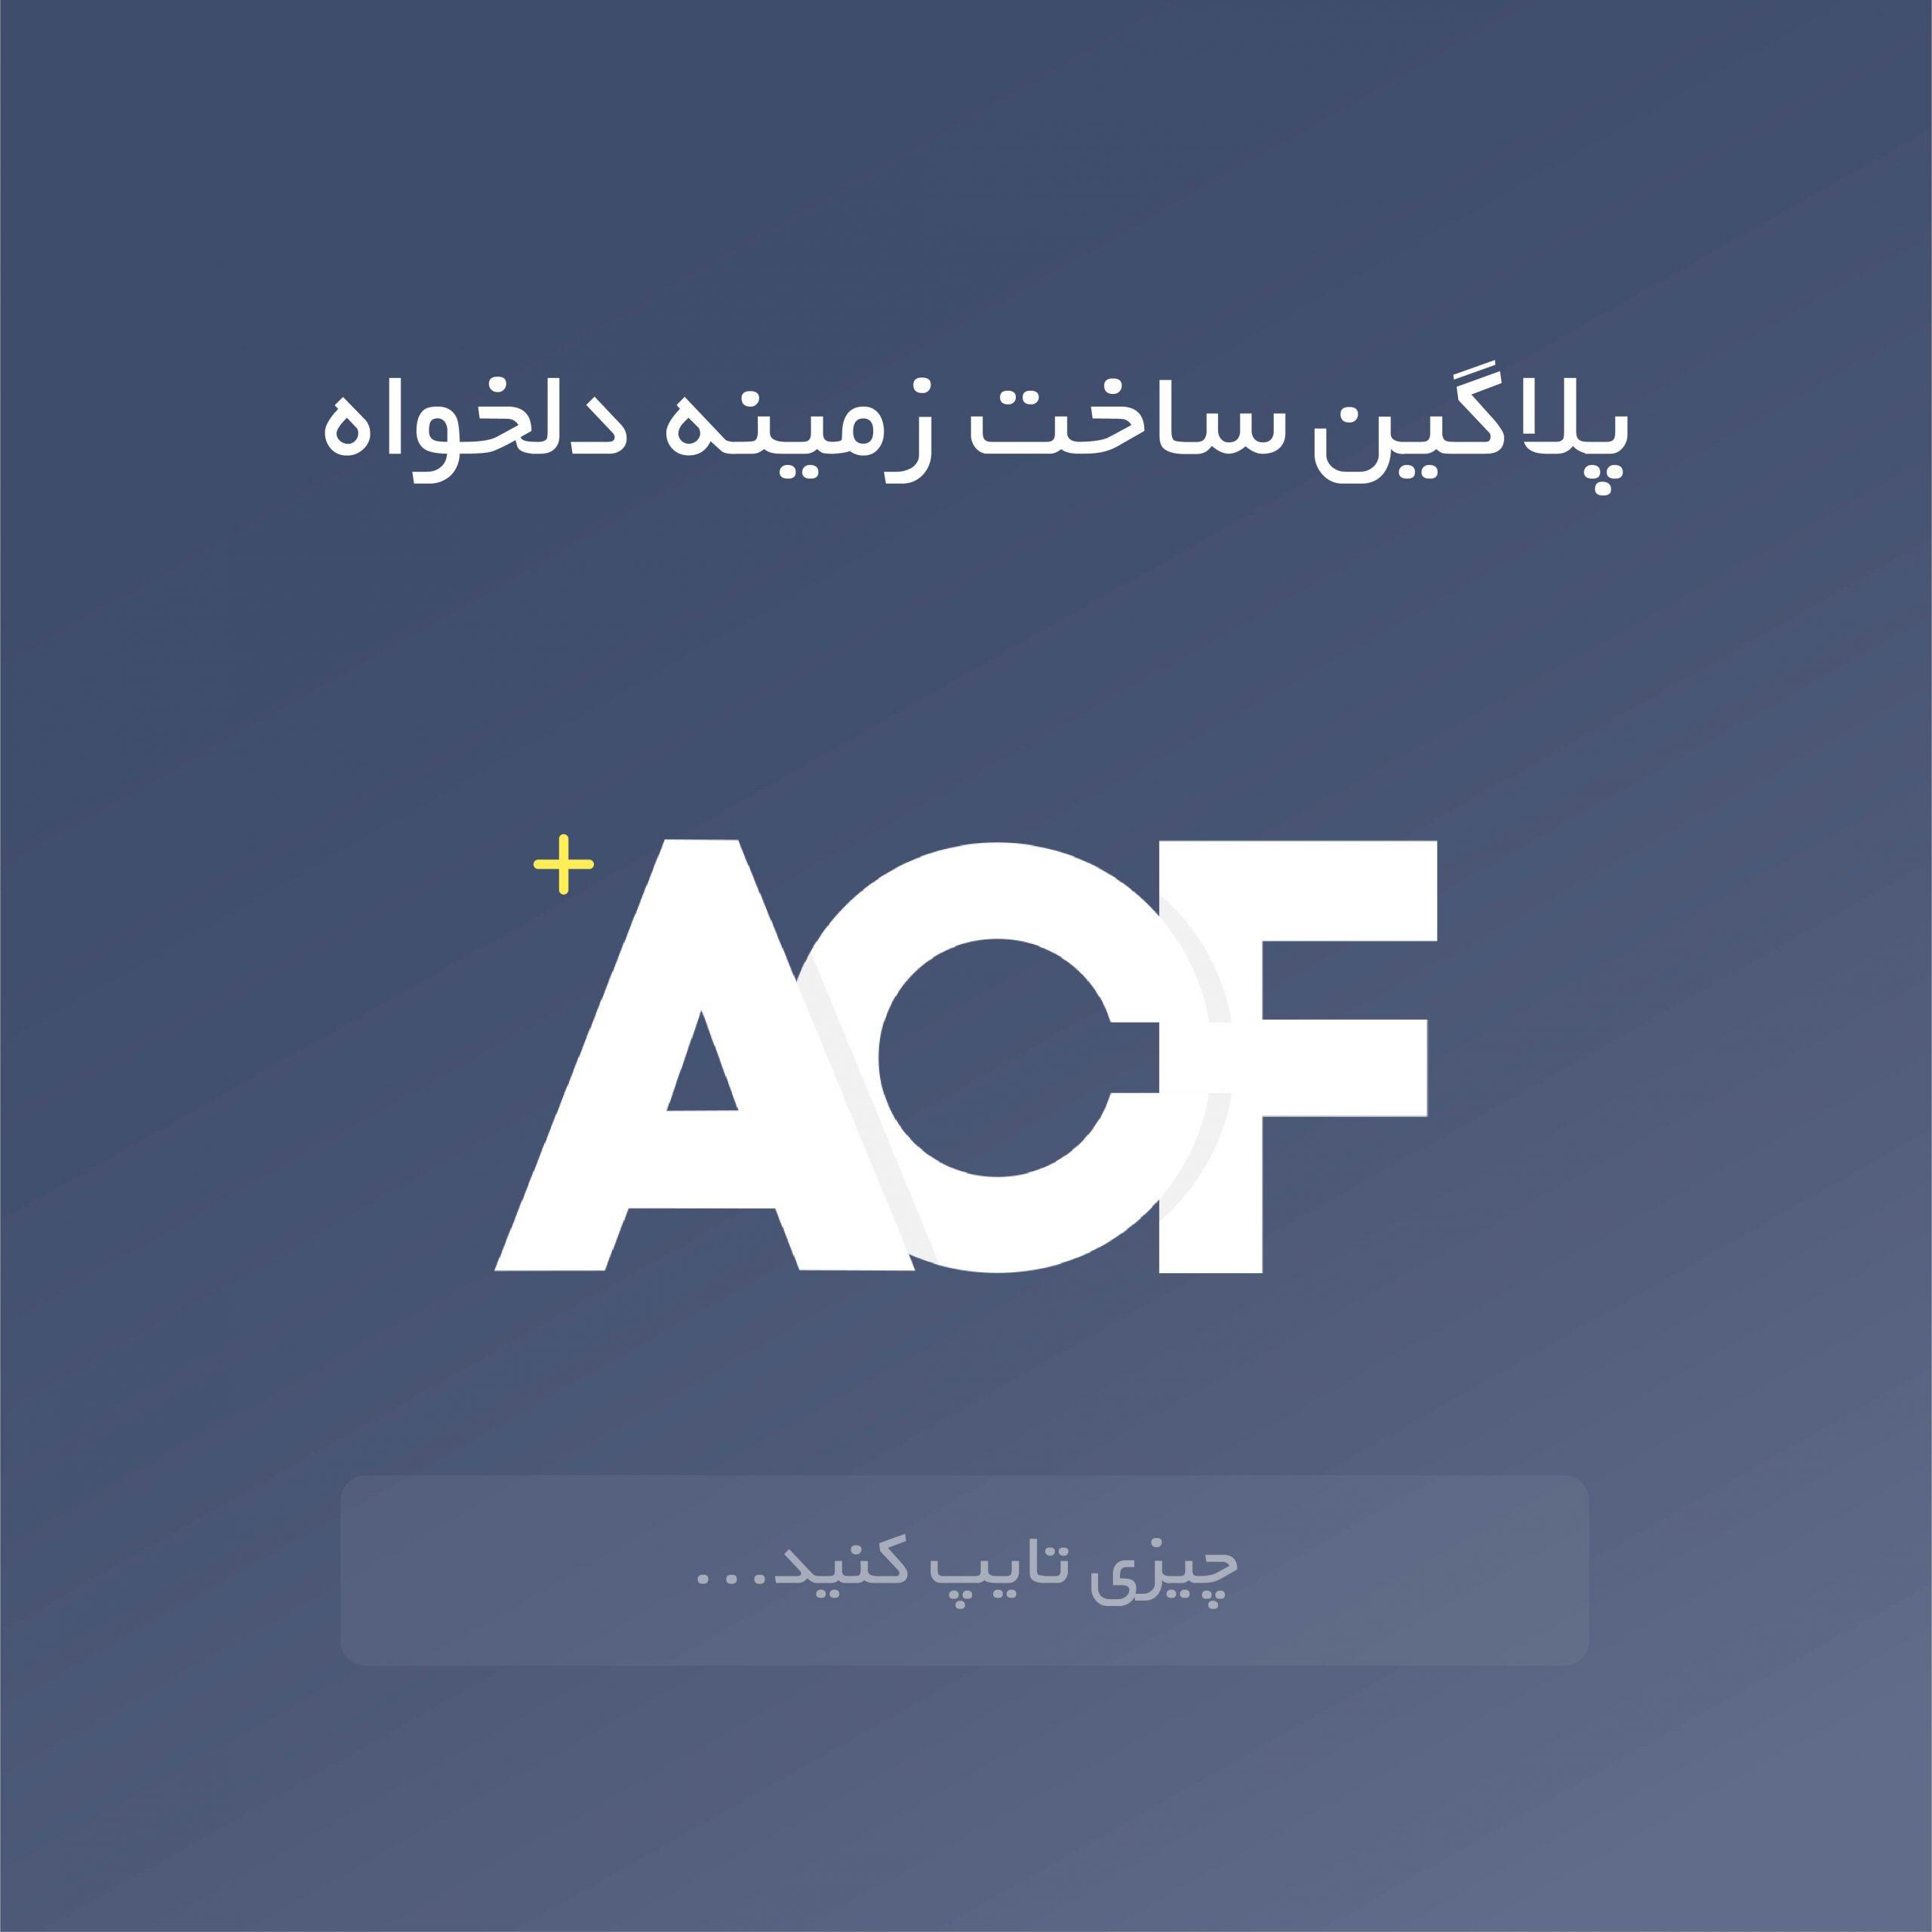 افزونه زمینه های دلخواه وردپرس | افزونه ACF Pro - آقای برنامه نویس